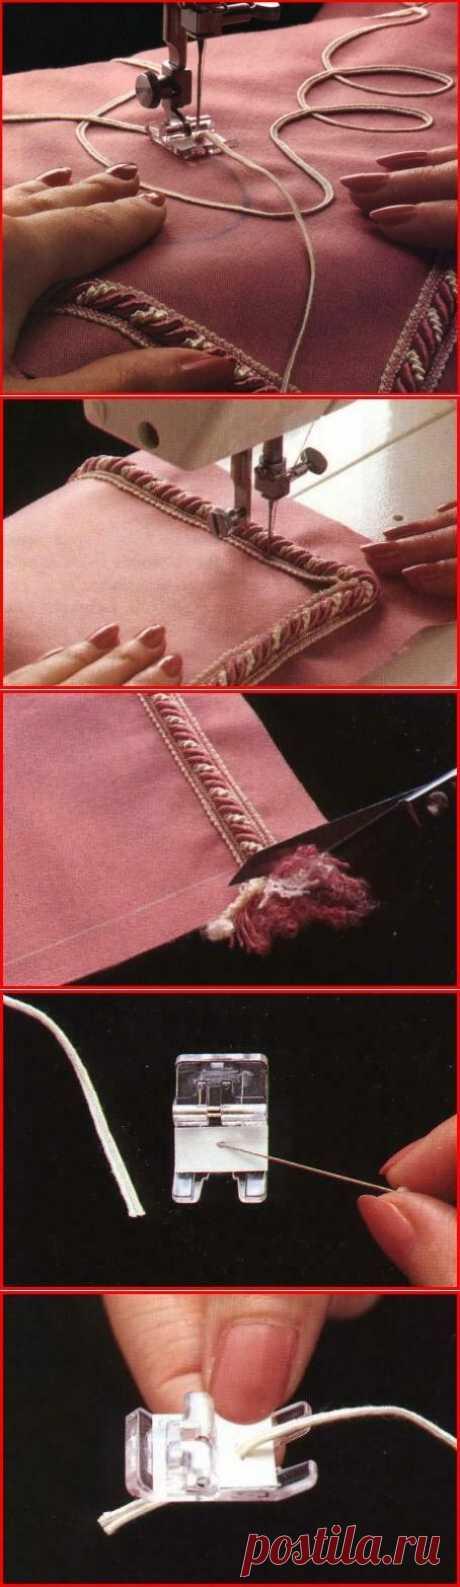 (15) кройка и шитье